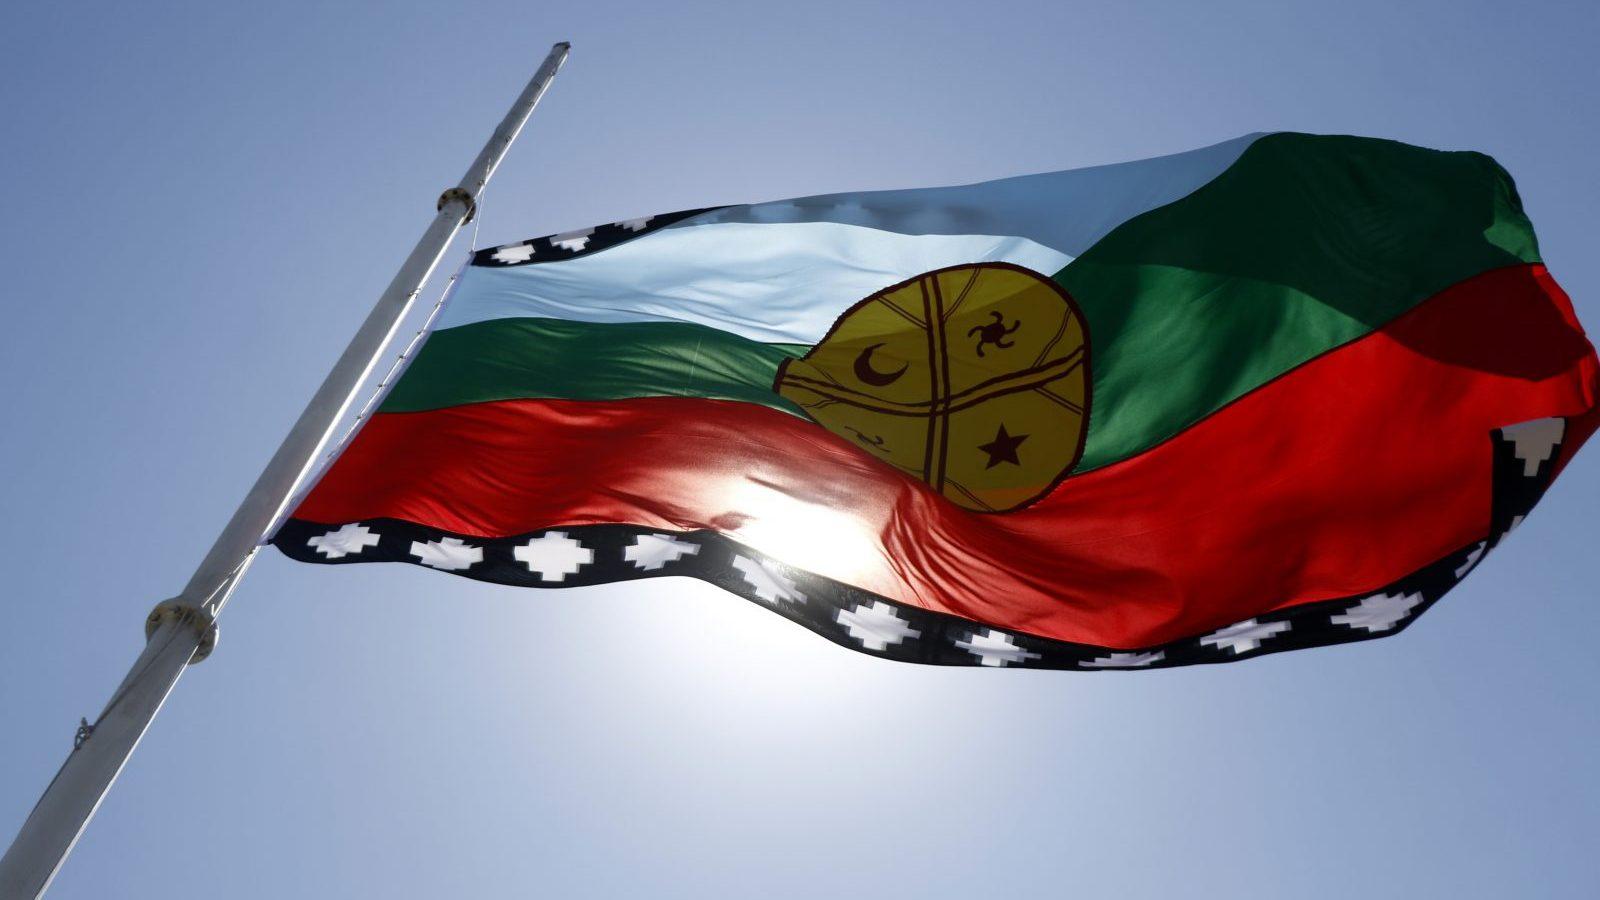 Tematica Bandera Mapuche